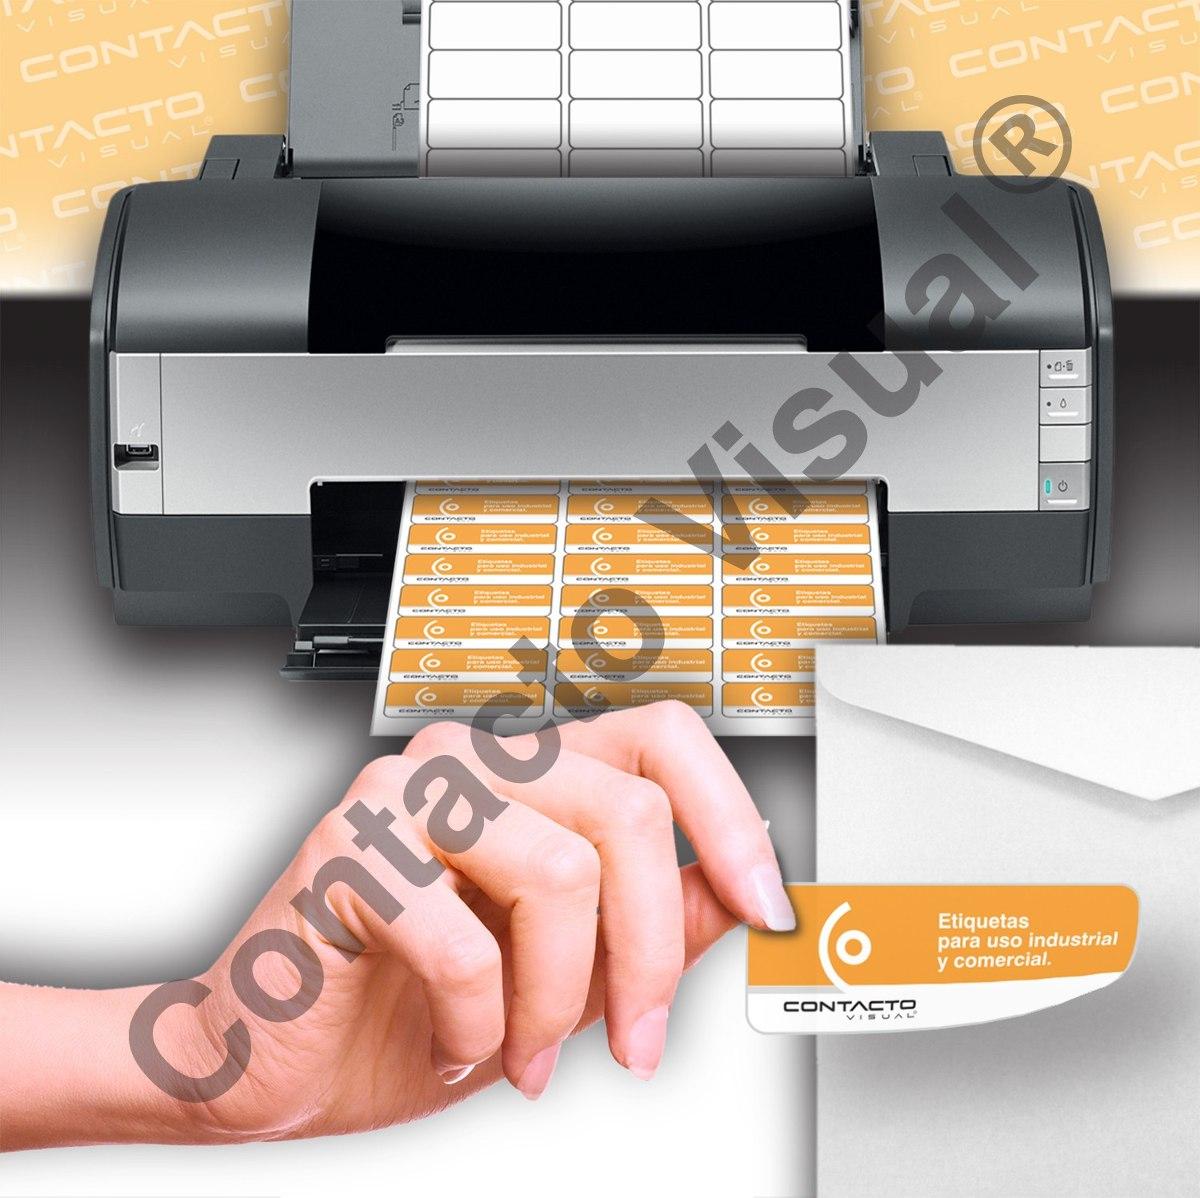 Etiquetas Autoadhesivas En Hojas Para Impresoras (100 Hojas) - $ 490 ...